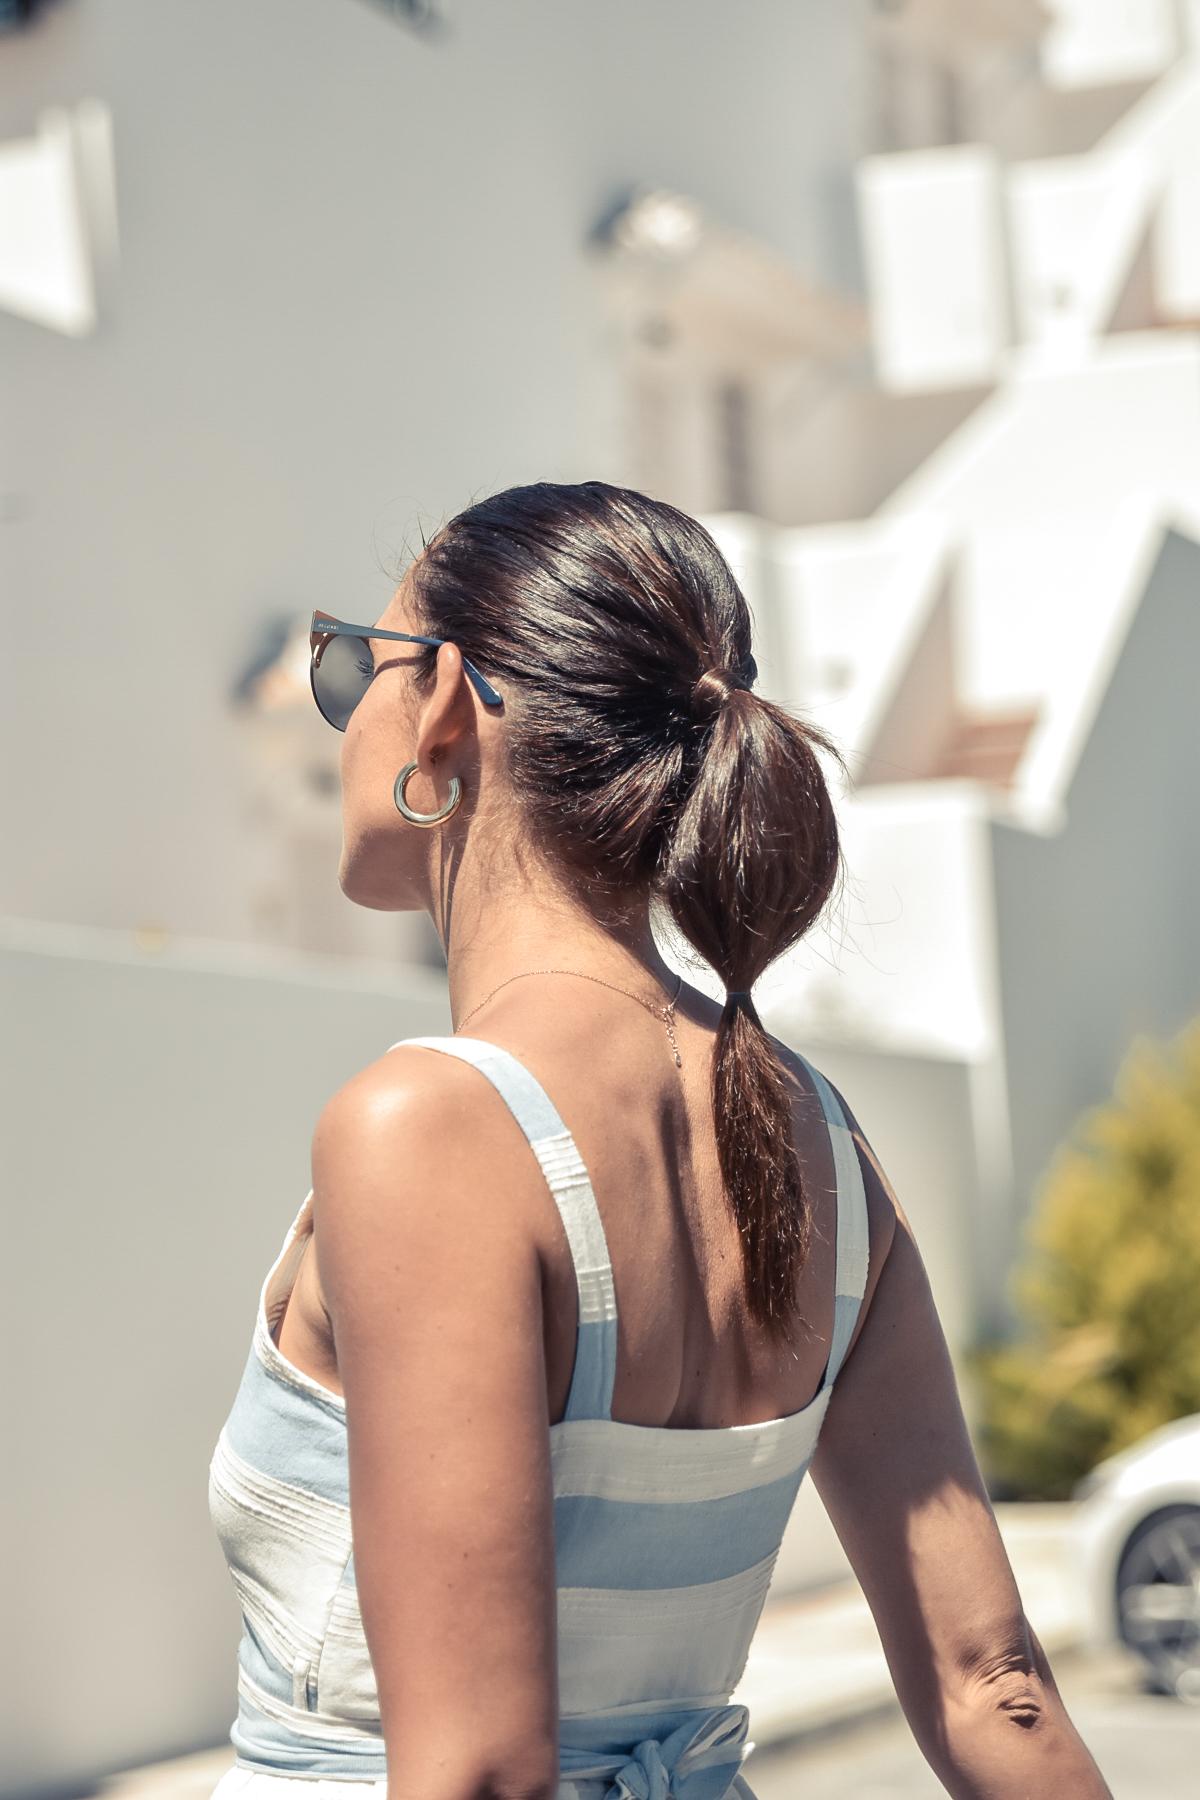 6-el-blog-de-silvia-vestido-rayas-azul-blanco-marbella